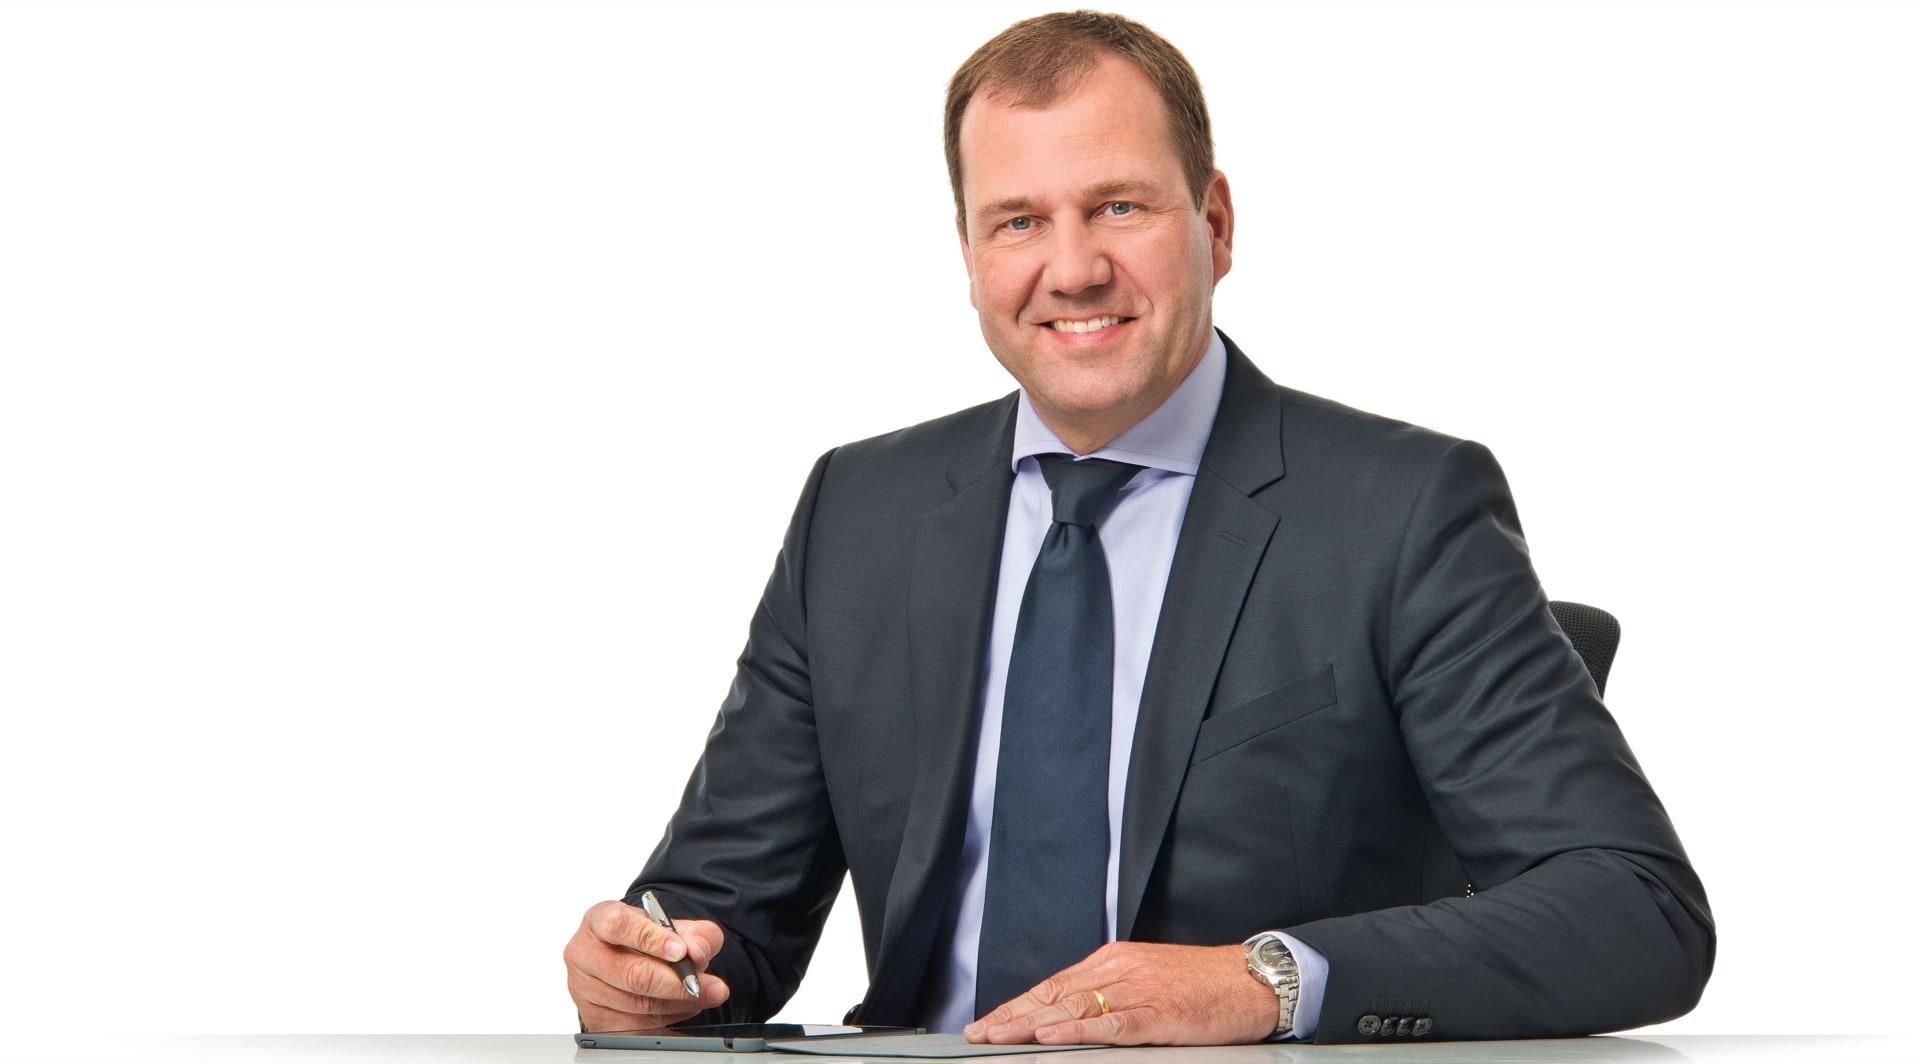 Ralf Michal, Inhaber und Geschäftsführer Bestattermeister (Funeralmaster)